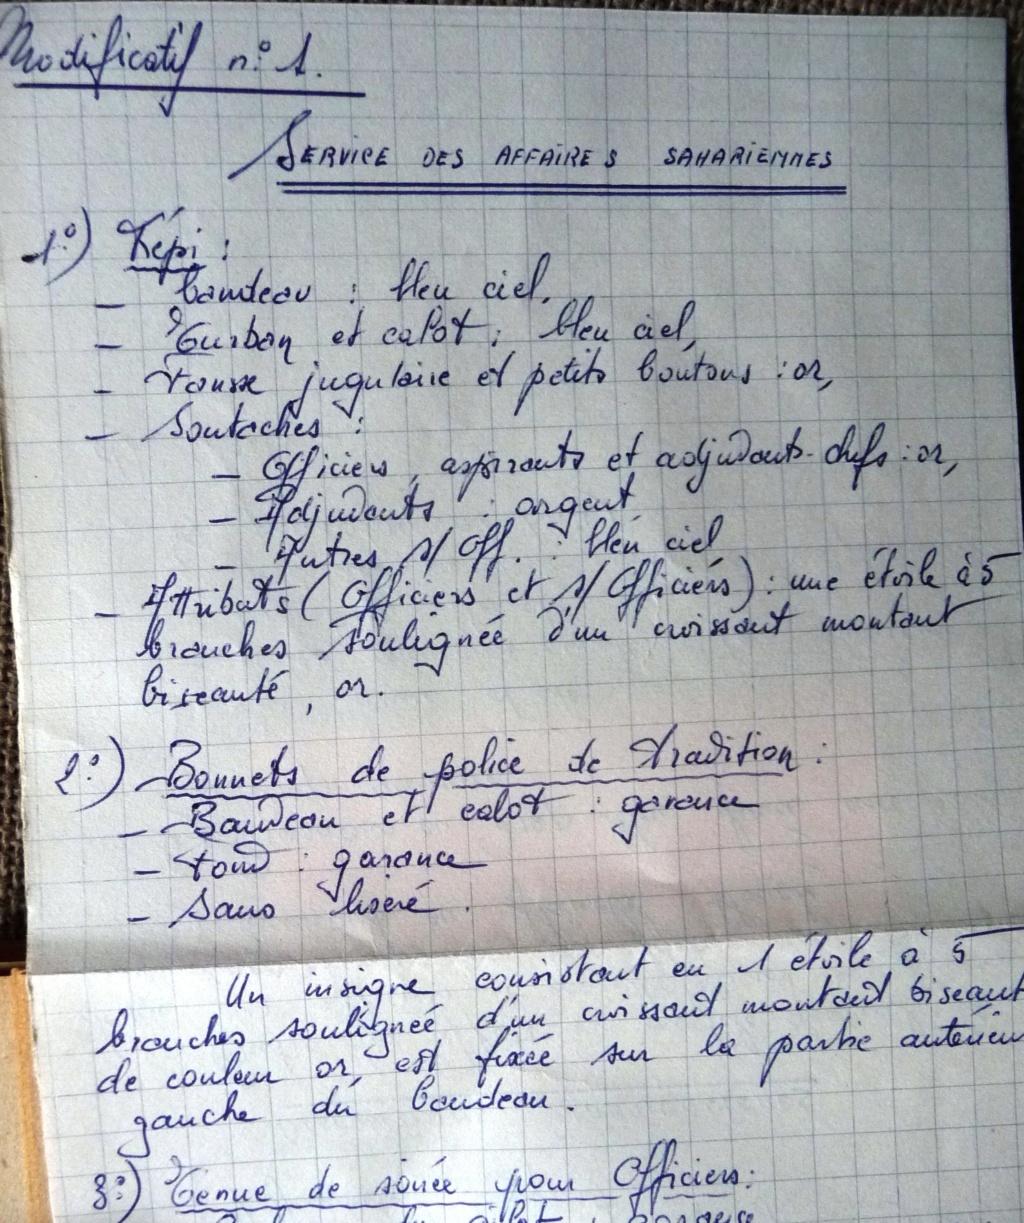 """Recherche """"instructions relatives aux tenues et uniformes"""" de 1958 Affal_13"""